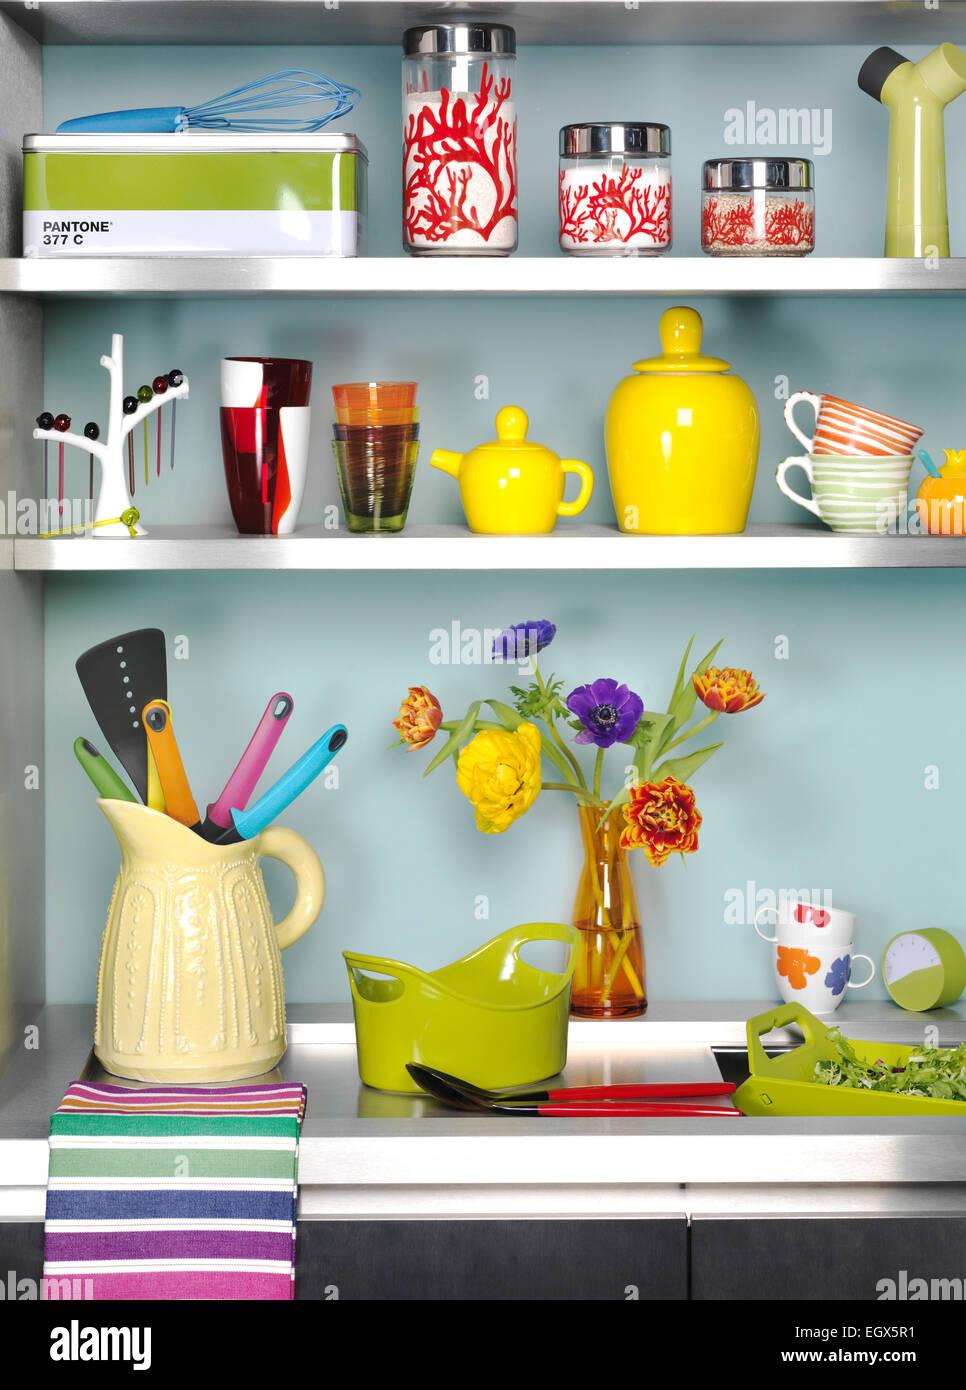 Vibrant Colour Stock Photos & Vibrant Colour Stock Images - Alamy